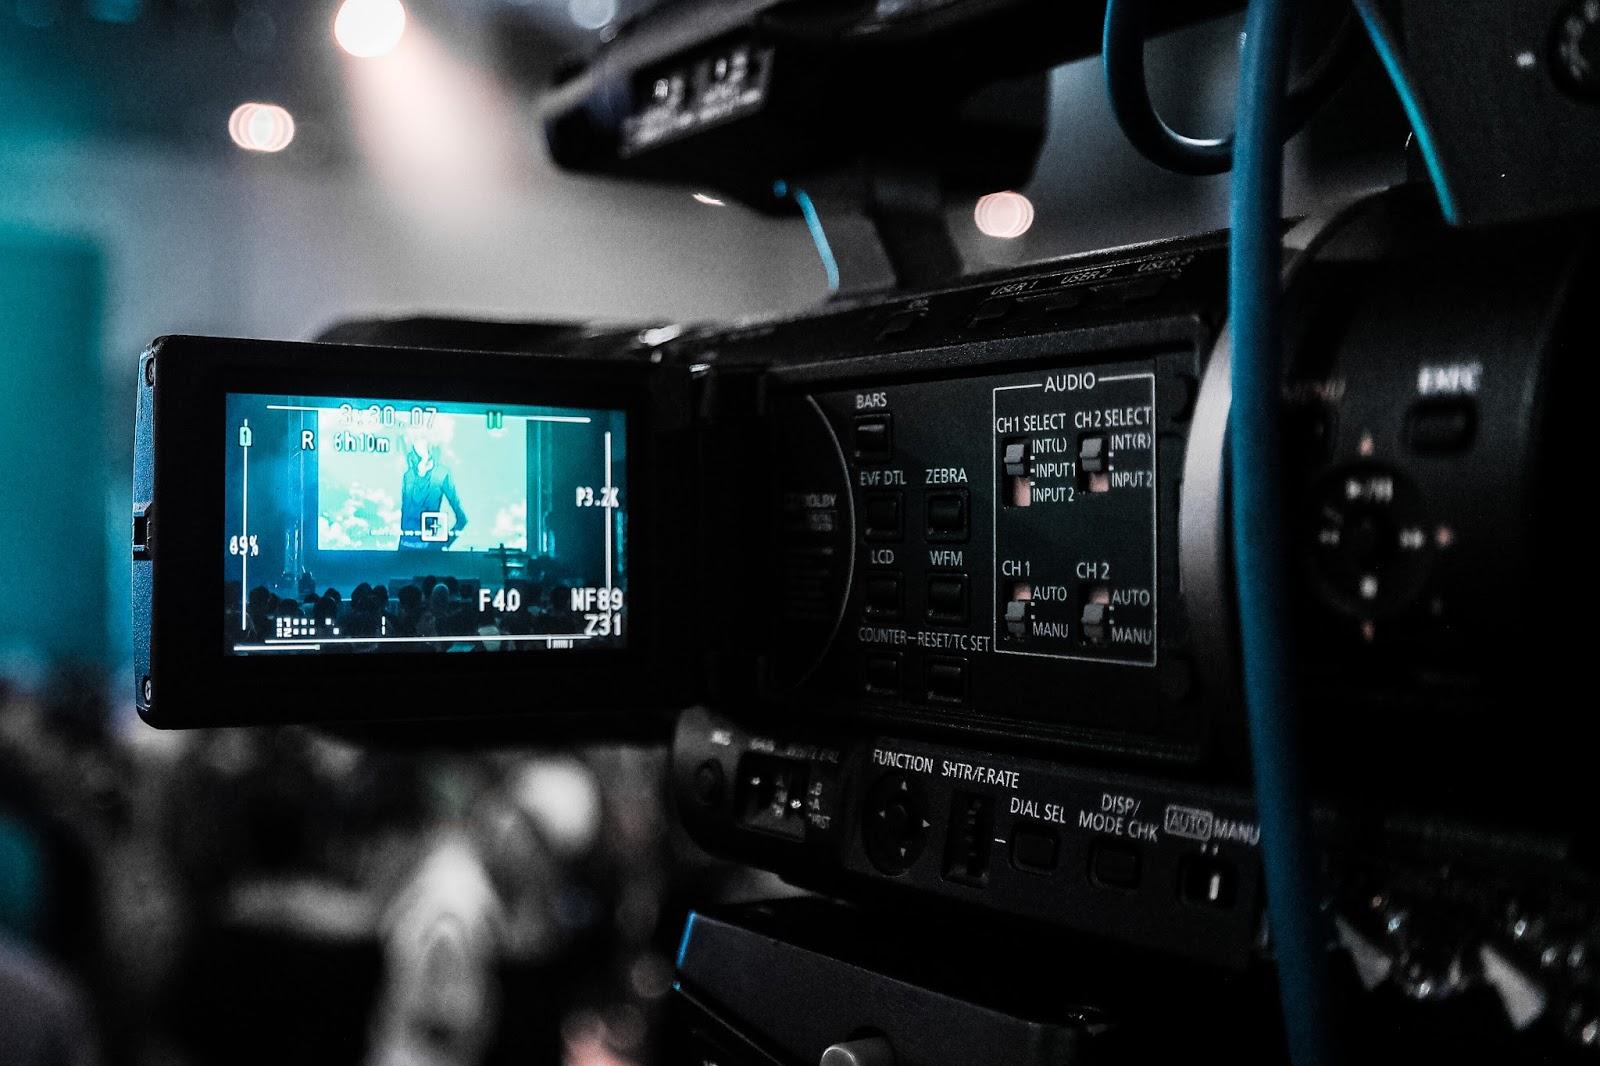 Nie lubię kamery, czyli 7 wymówek od szkolenia medialnego